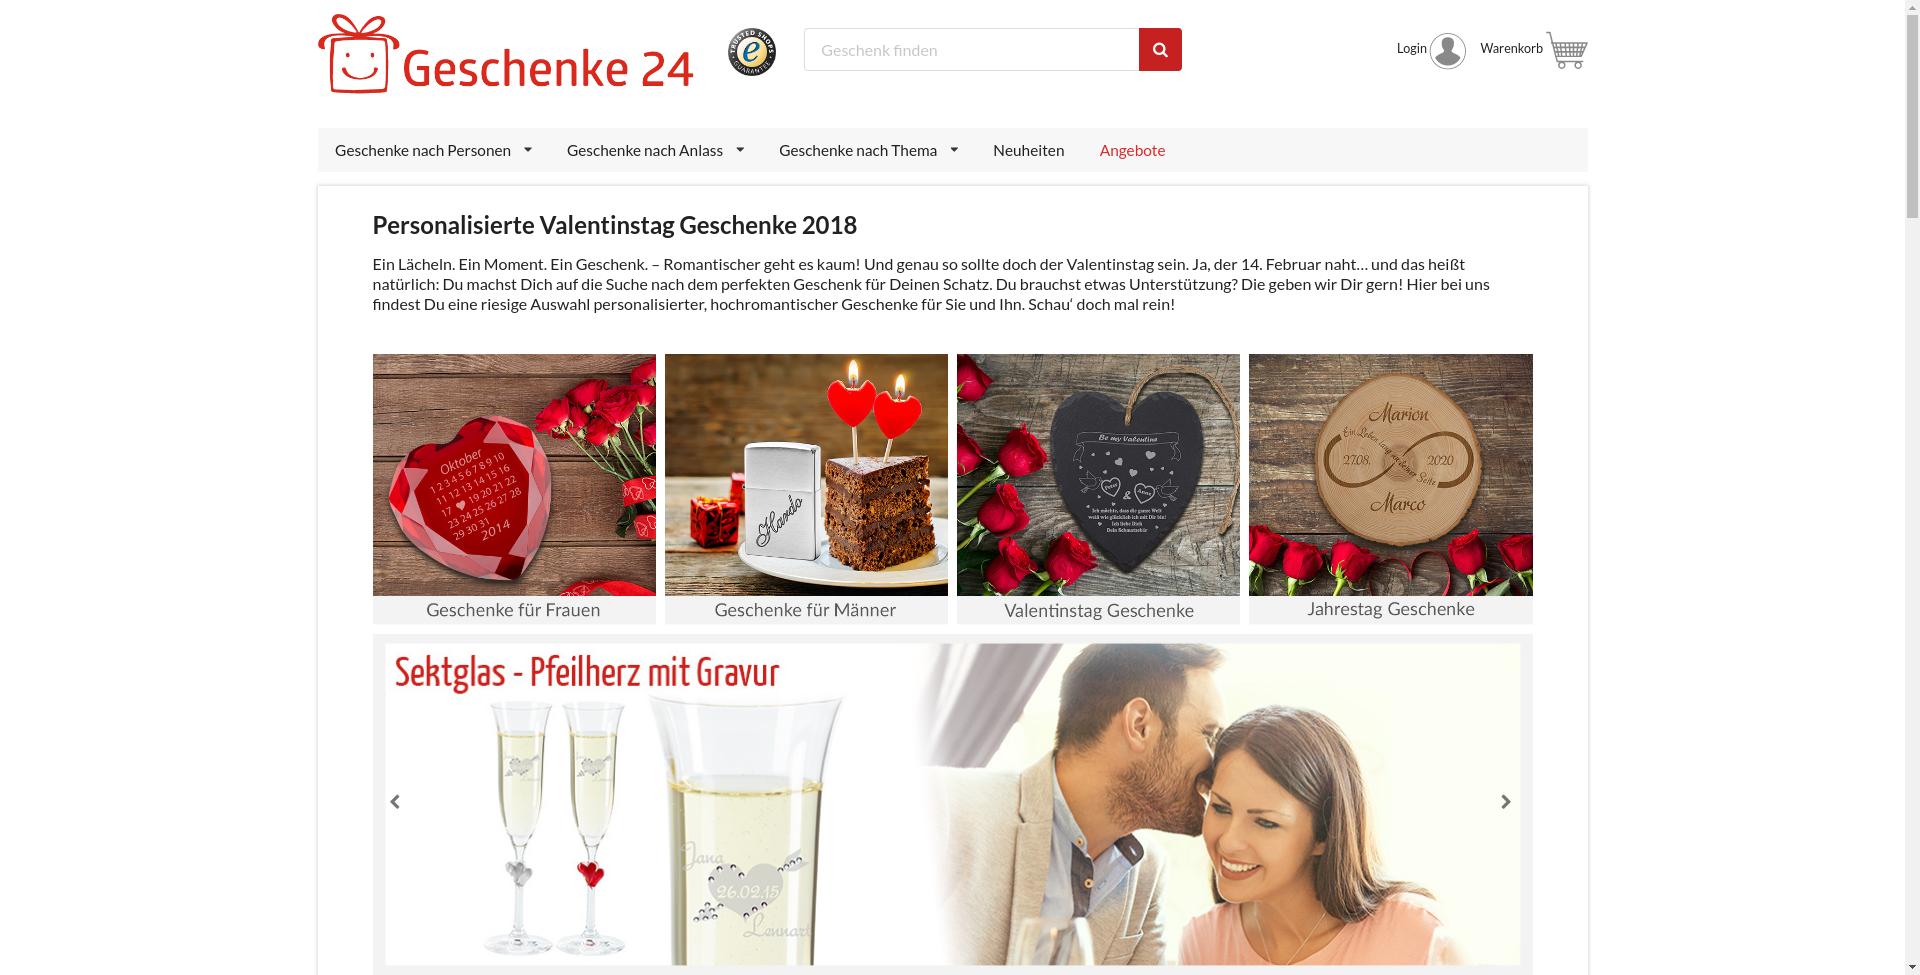 Geschenke24.de